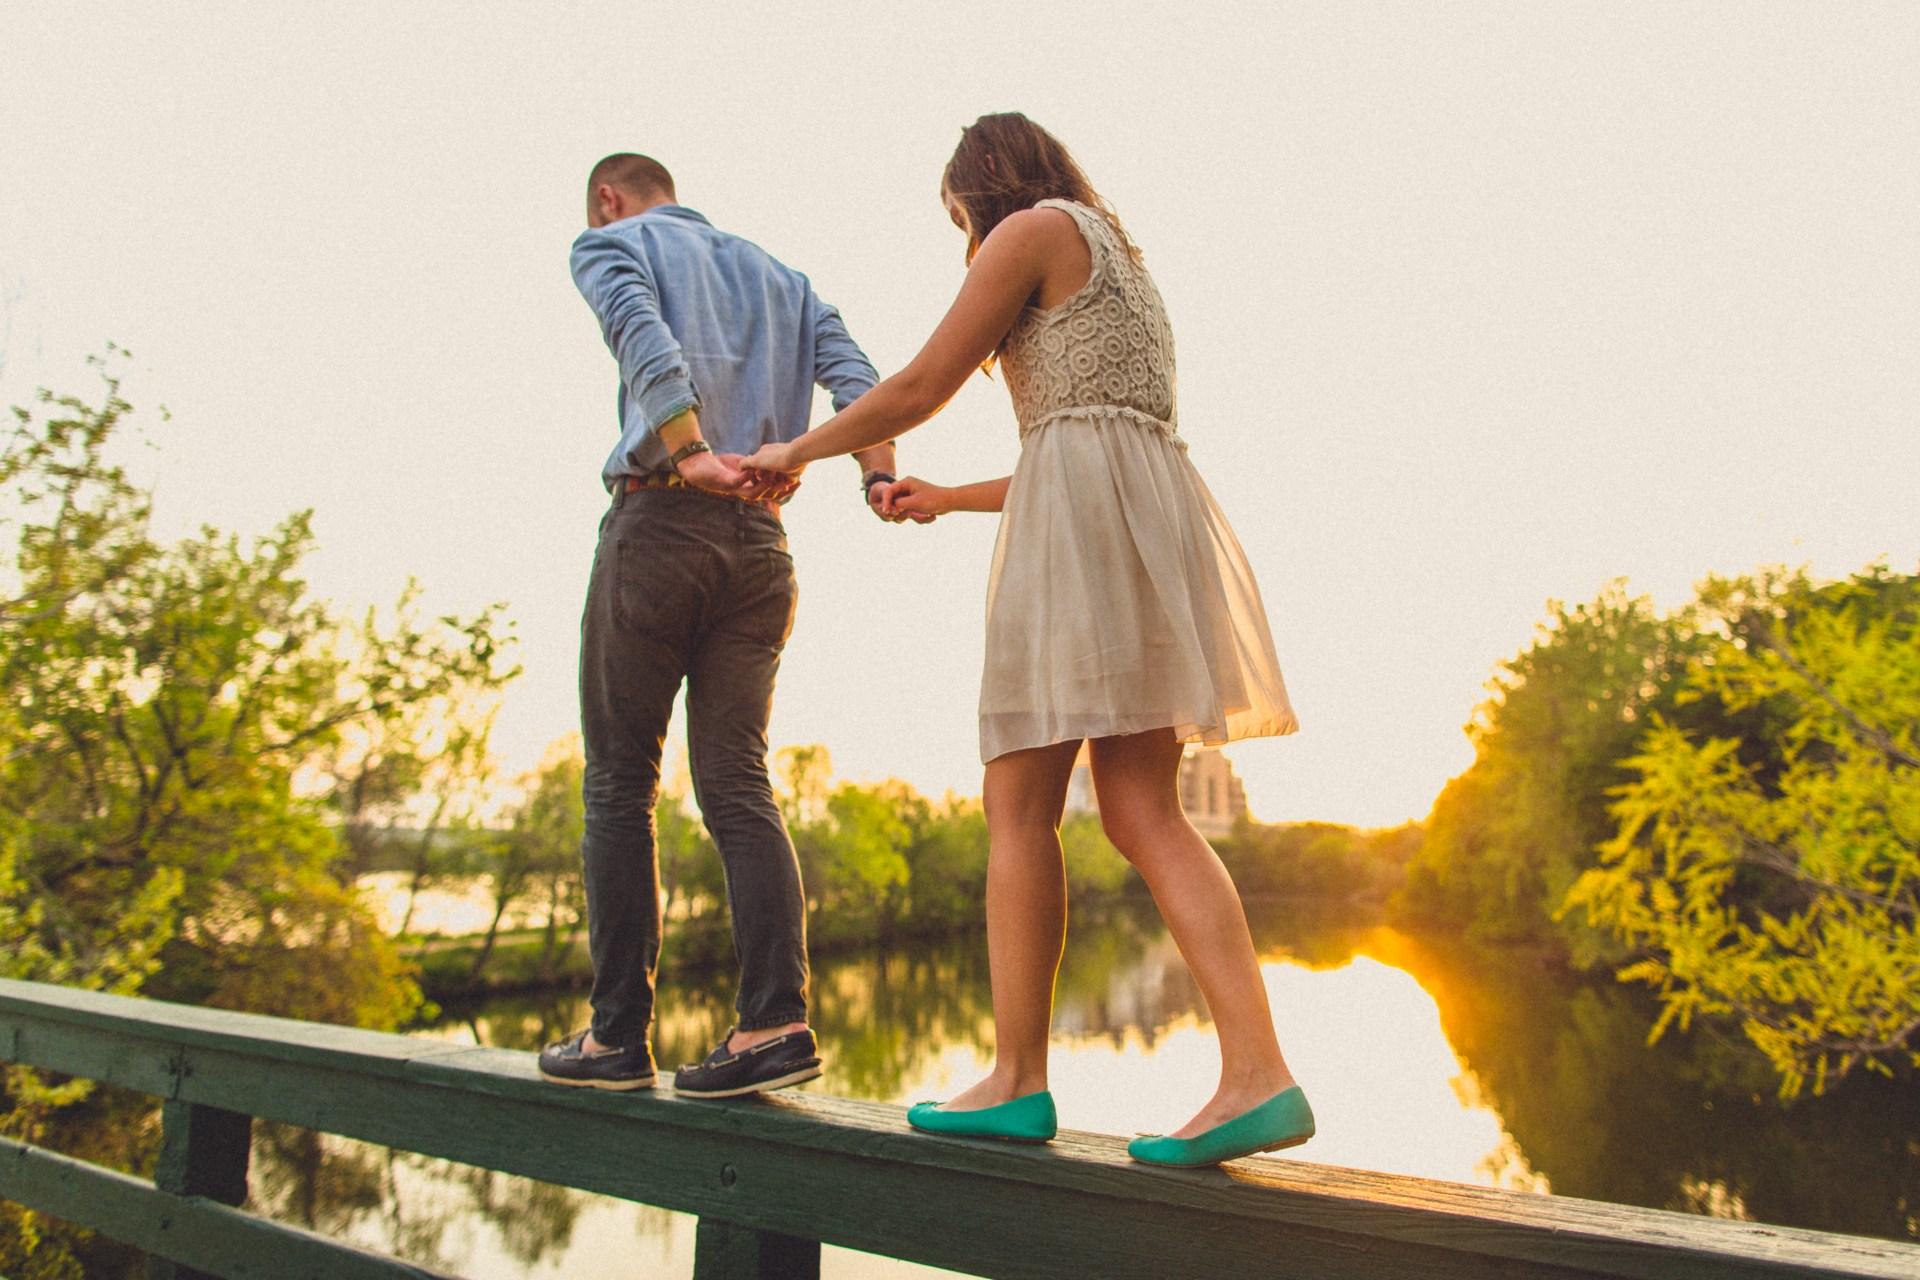 couple walking on ledge